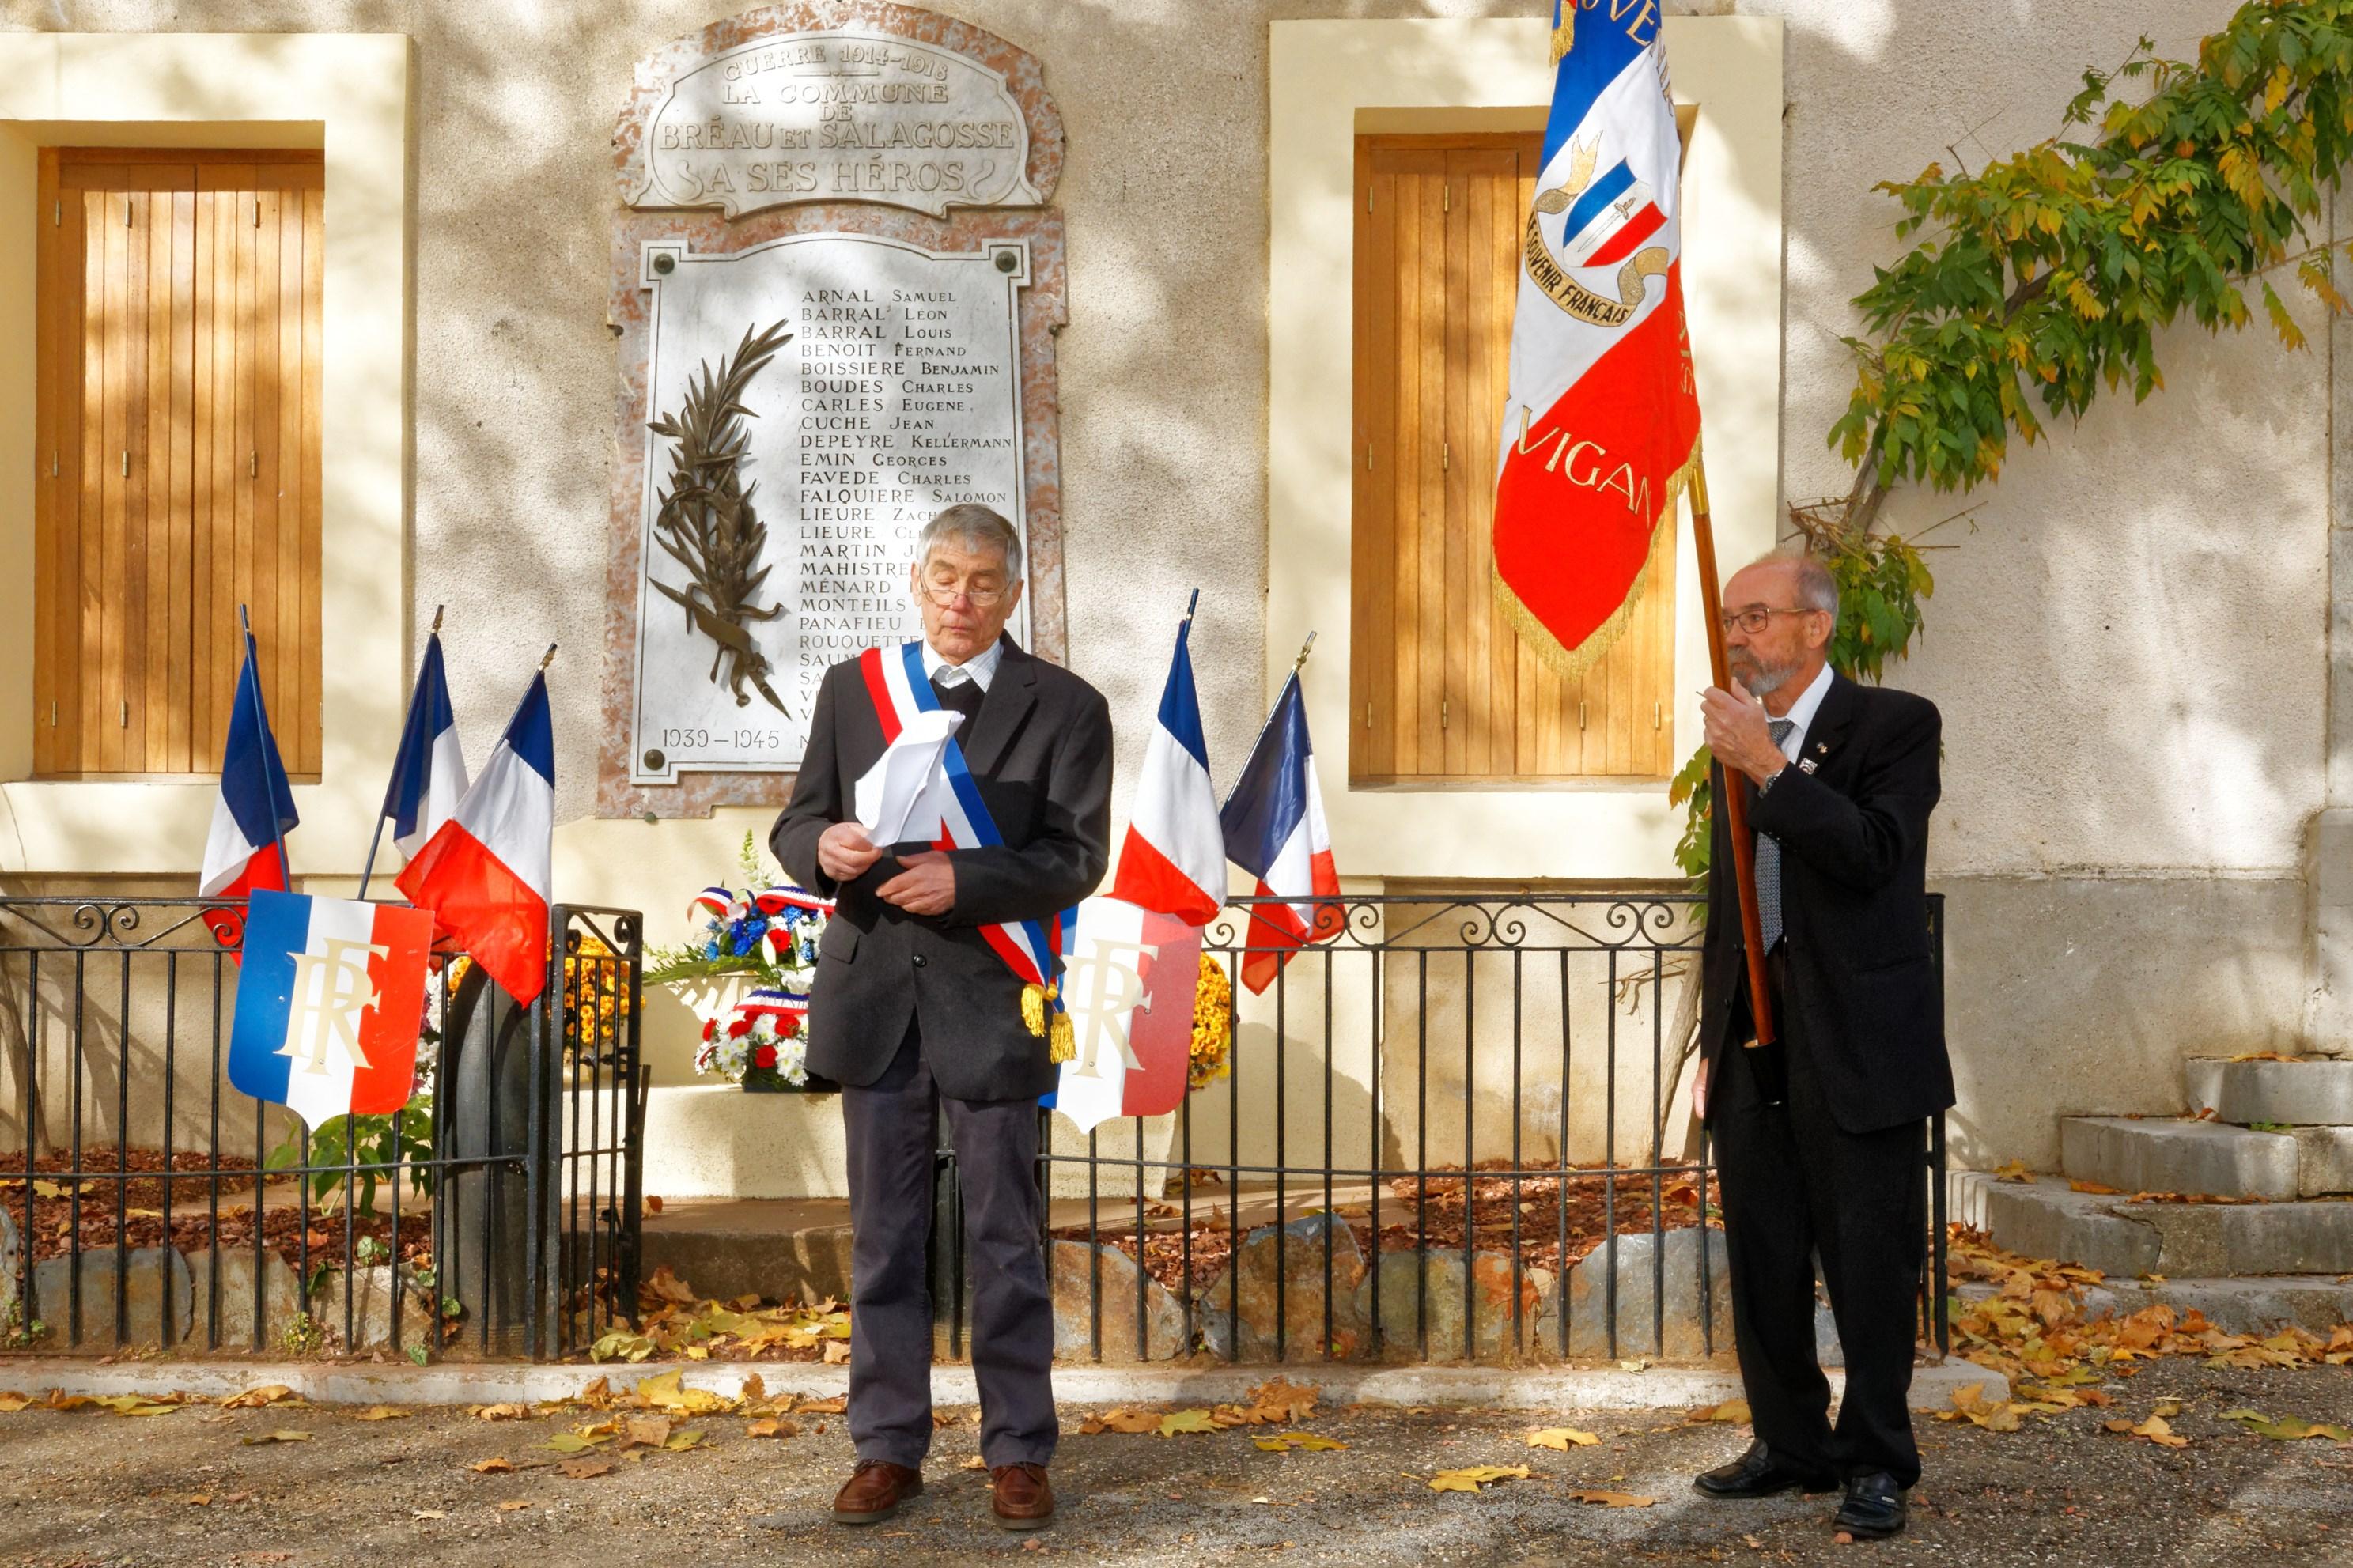 Le discours du maire devant le monument aux morts de la commune